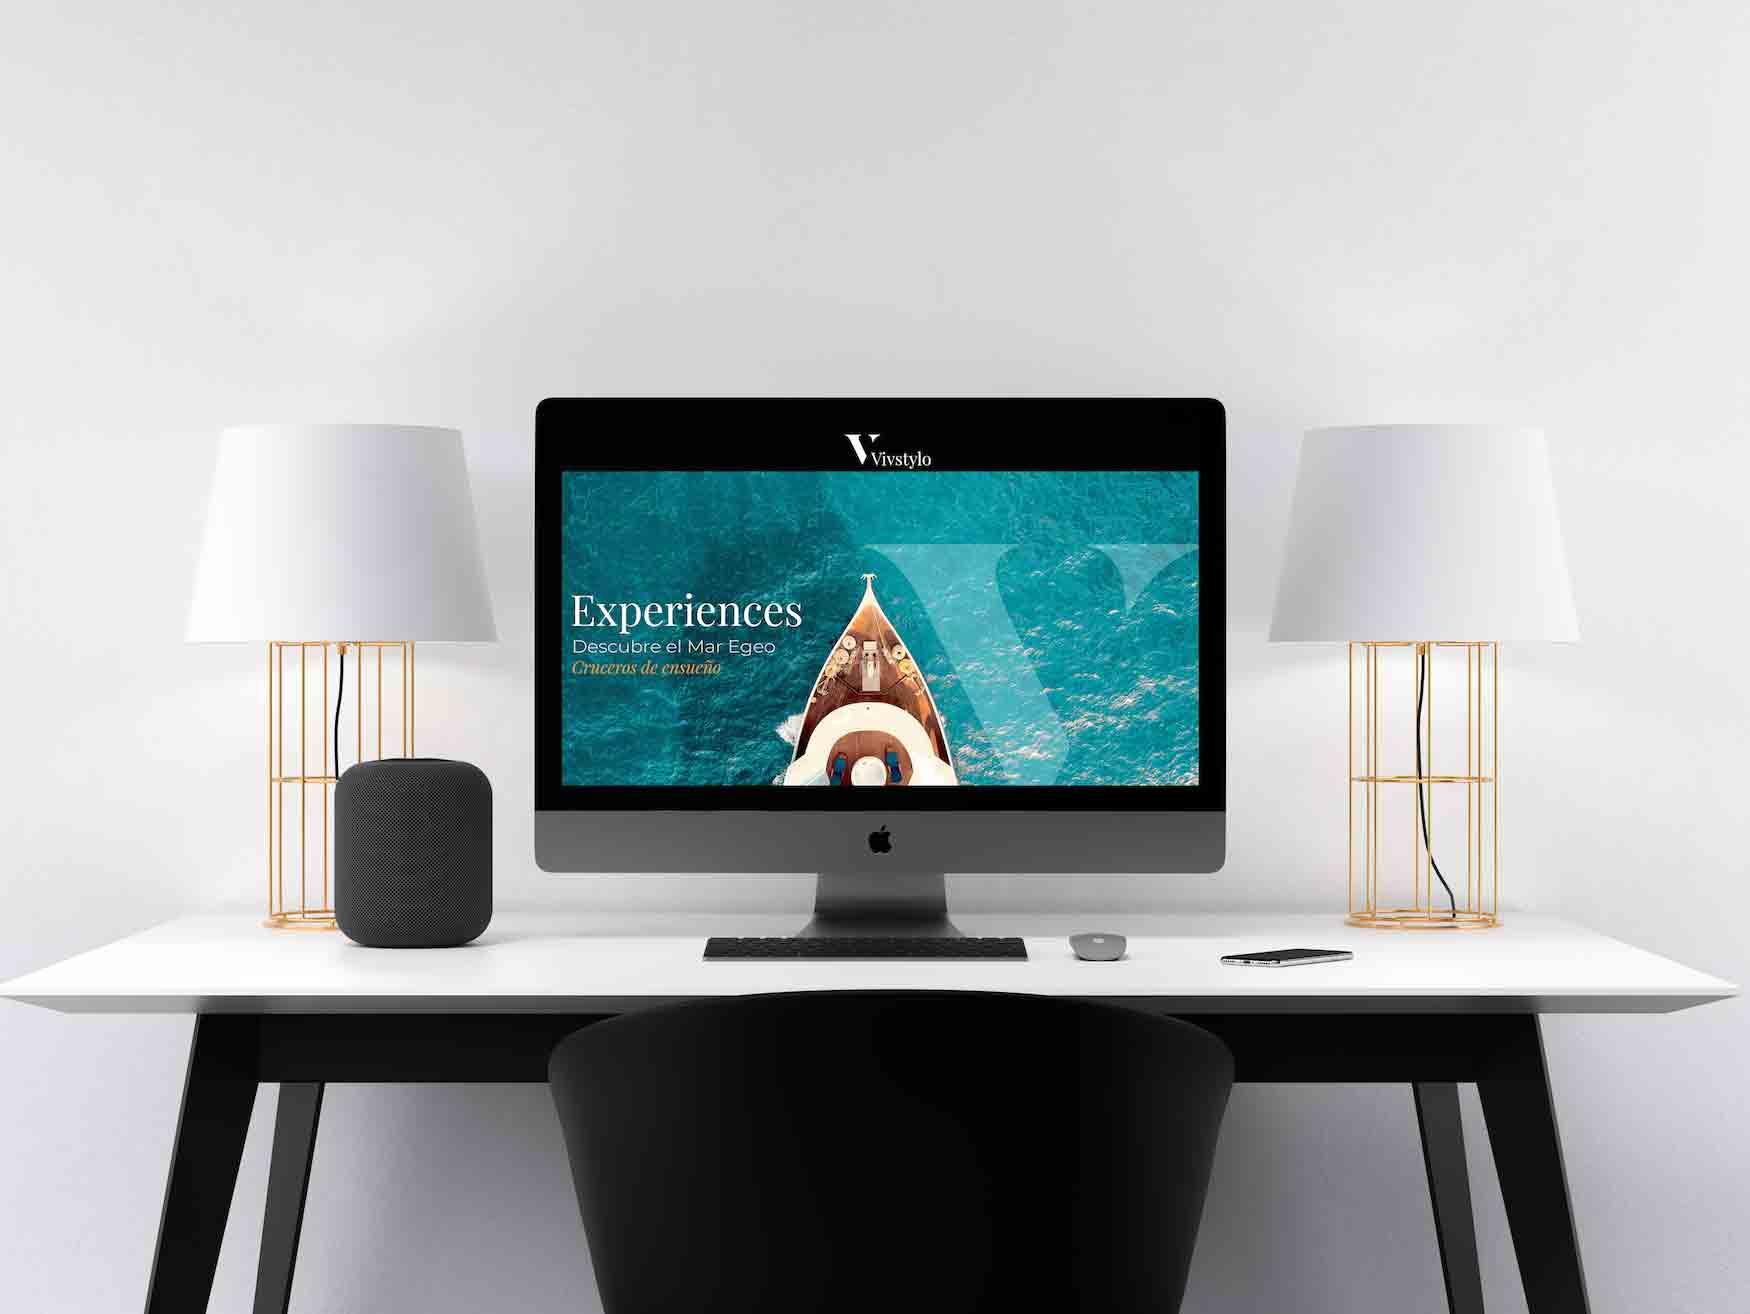 agencia de publicidad y diseño web en vitoria la factoria grafica